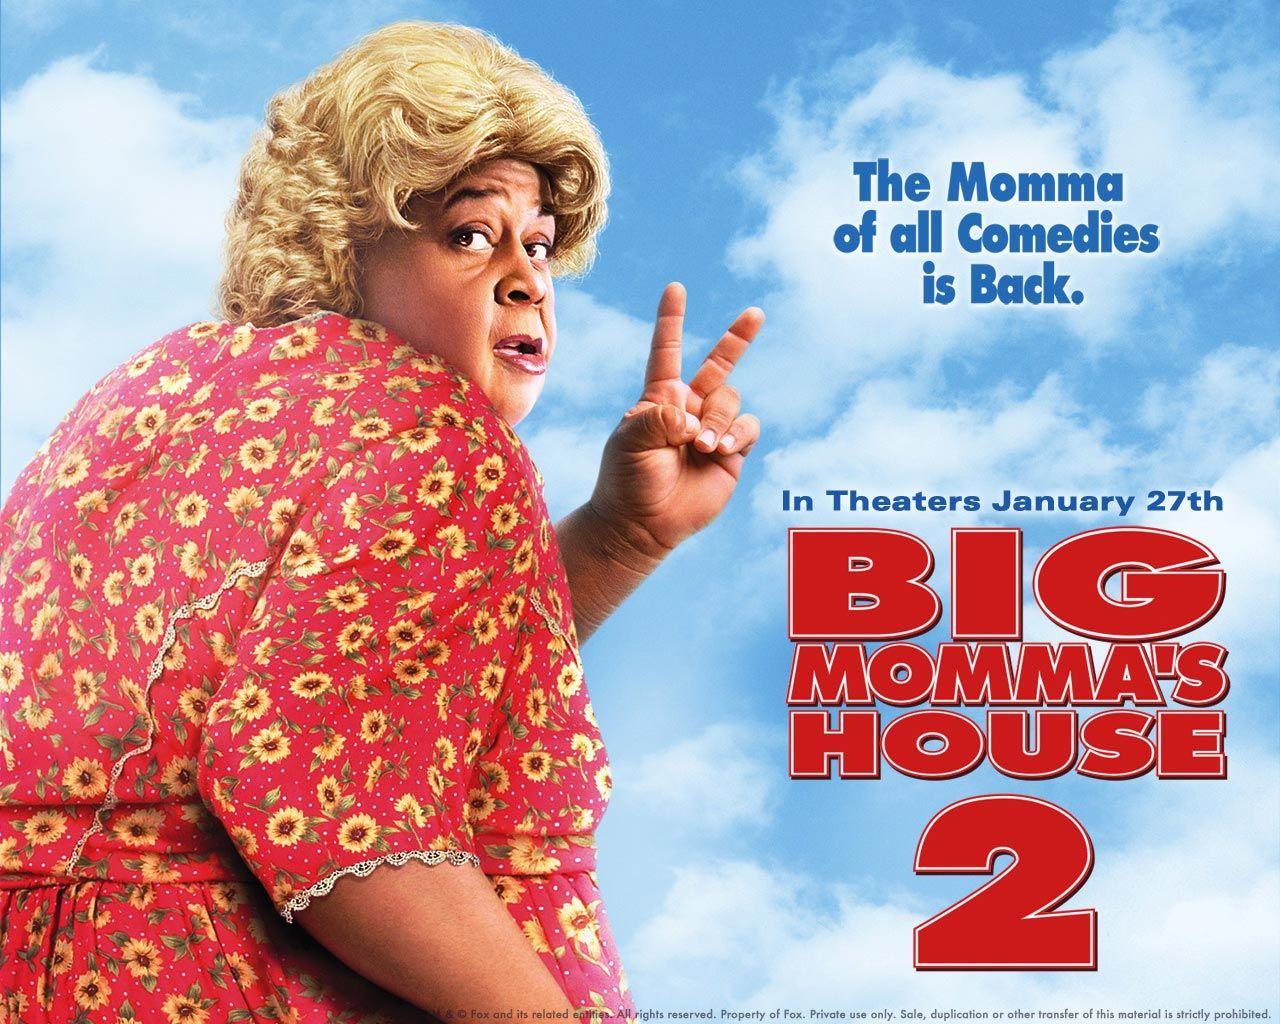 Дом большой мамочки 2 2006 фильм смотреть онлайн бесплатно в hd.